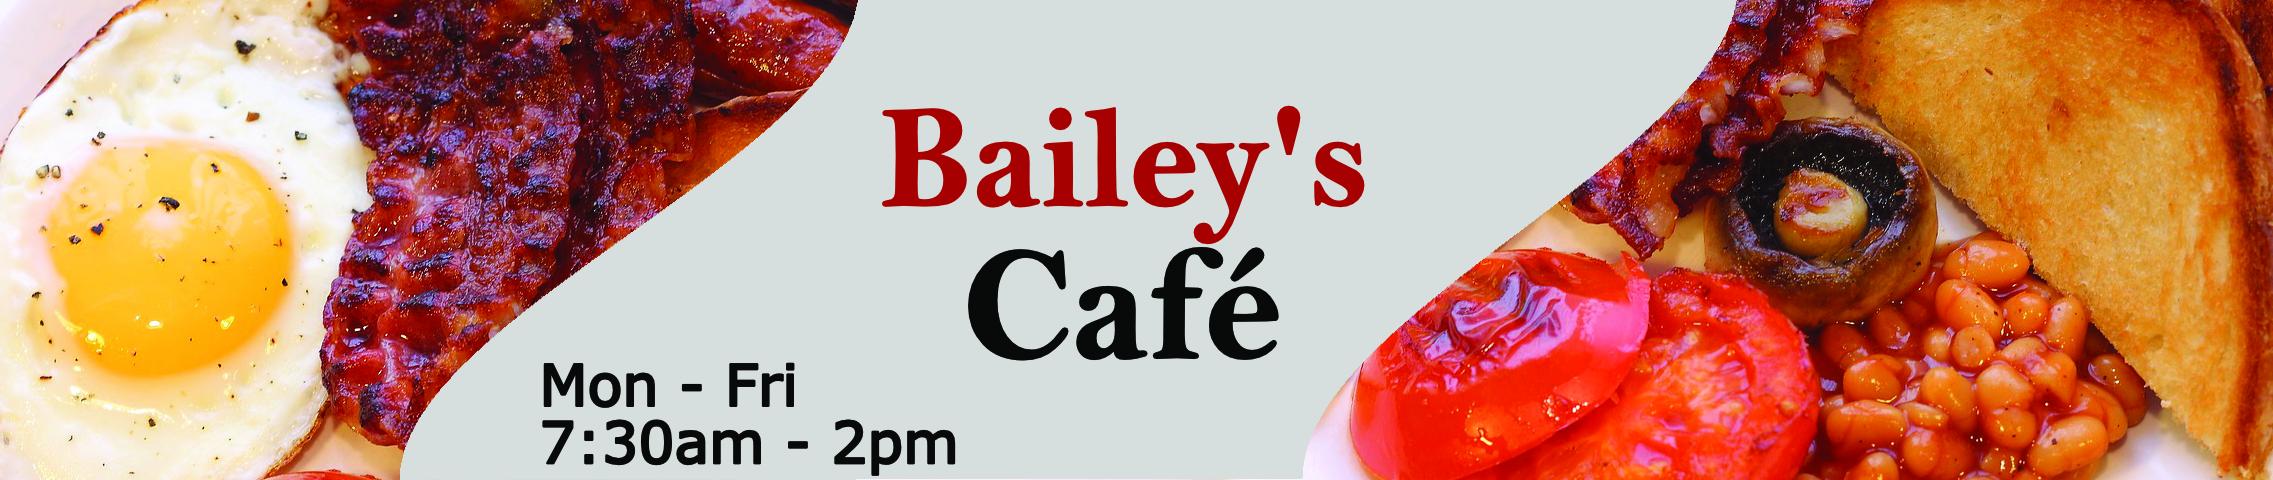 Baileys Cafe